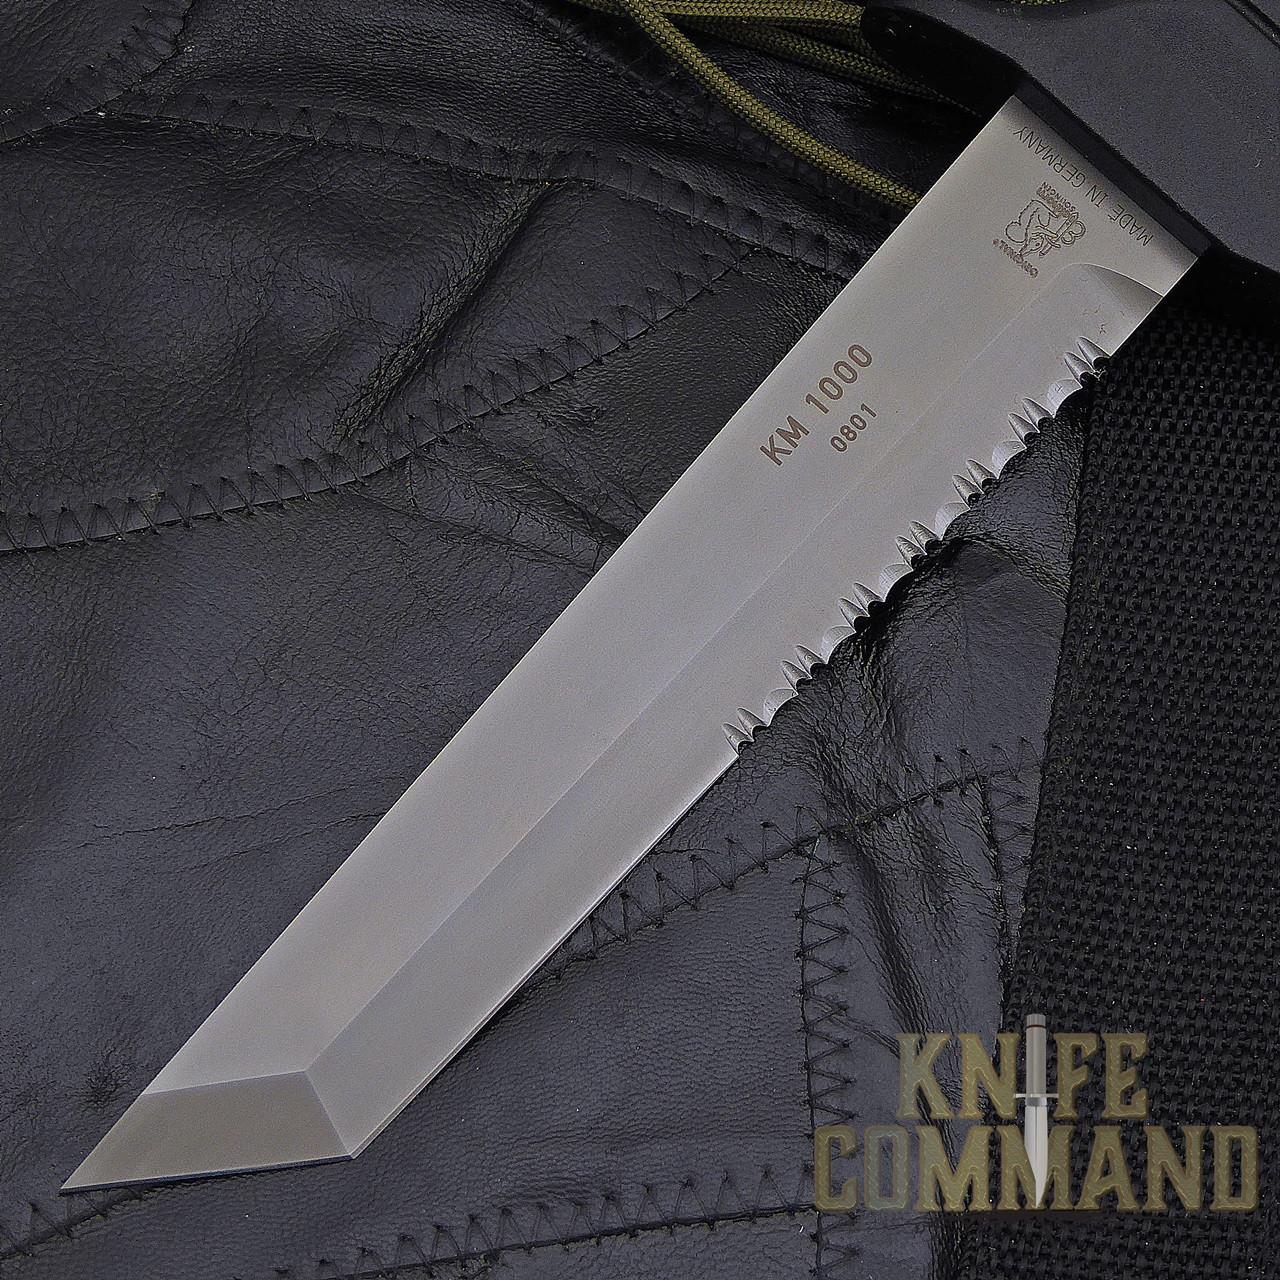 Eickhorn Solingen KM 1000 Combat Knife.  Non-glare finish on blade.